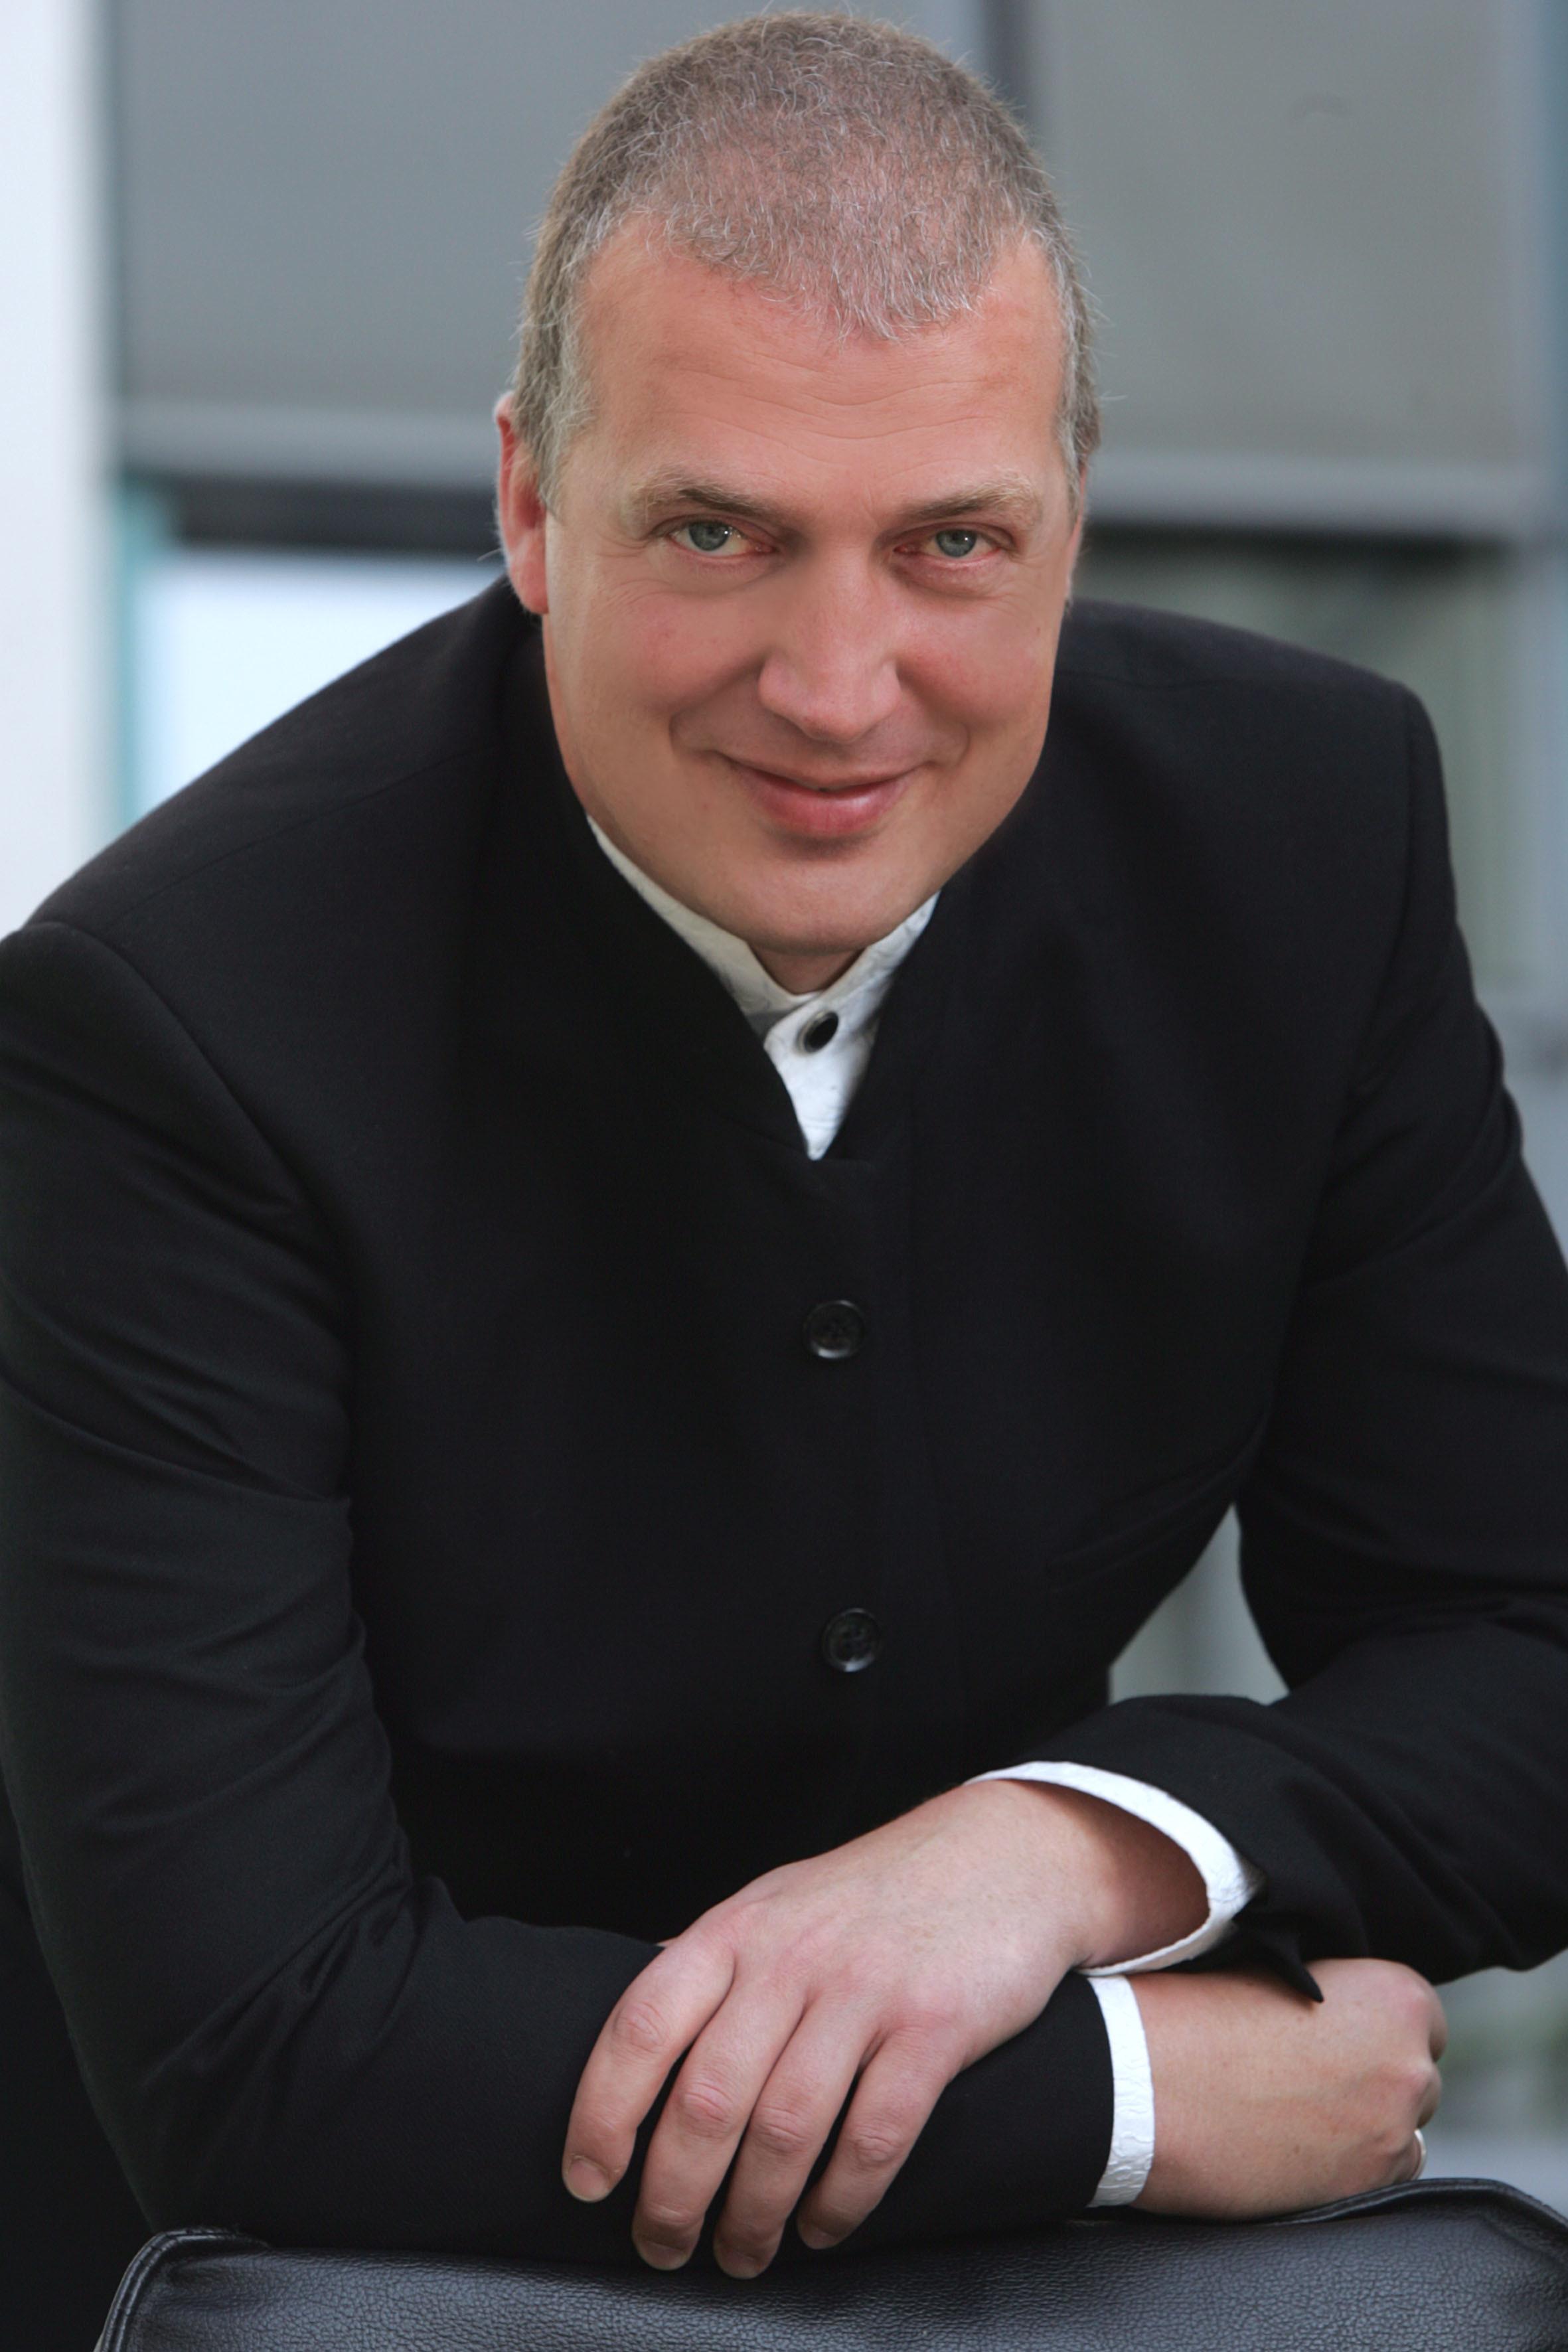 Jens Freitag